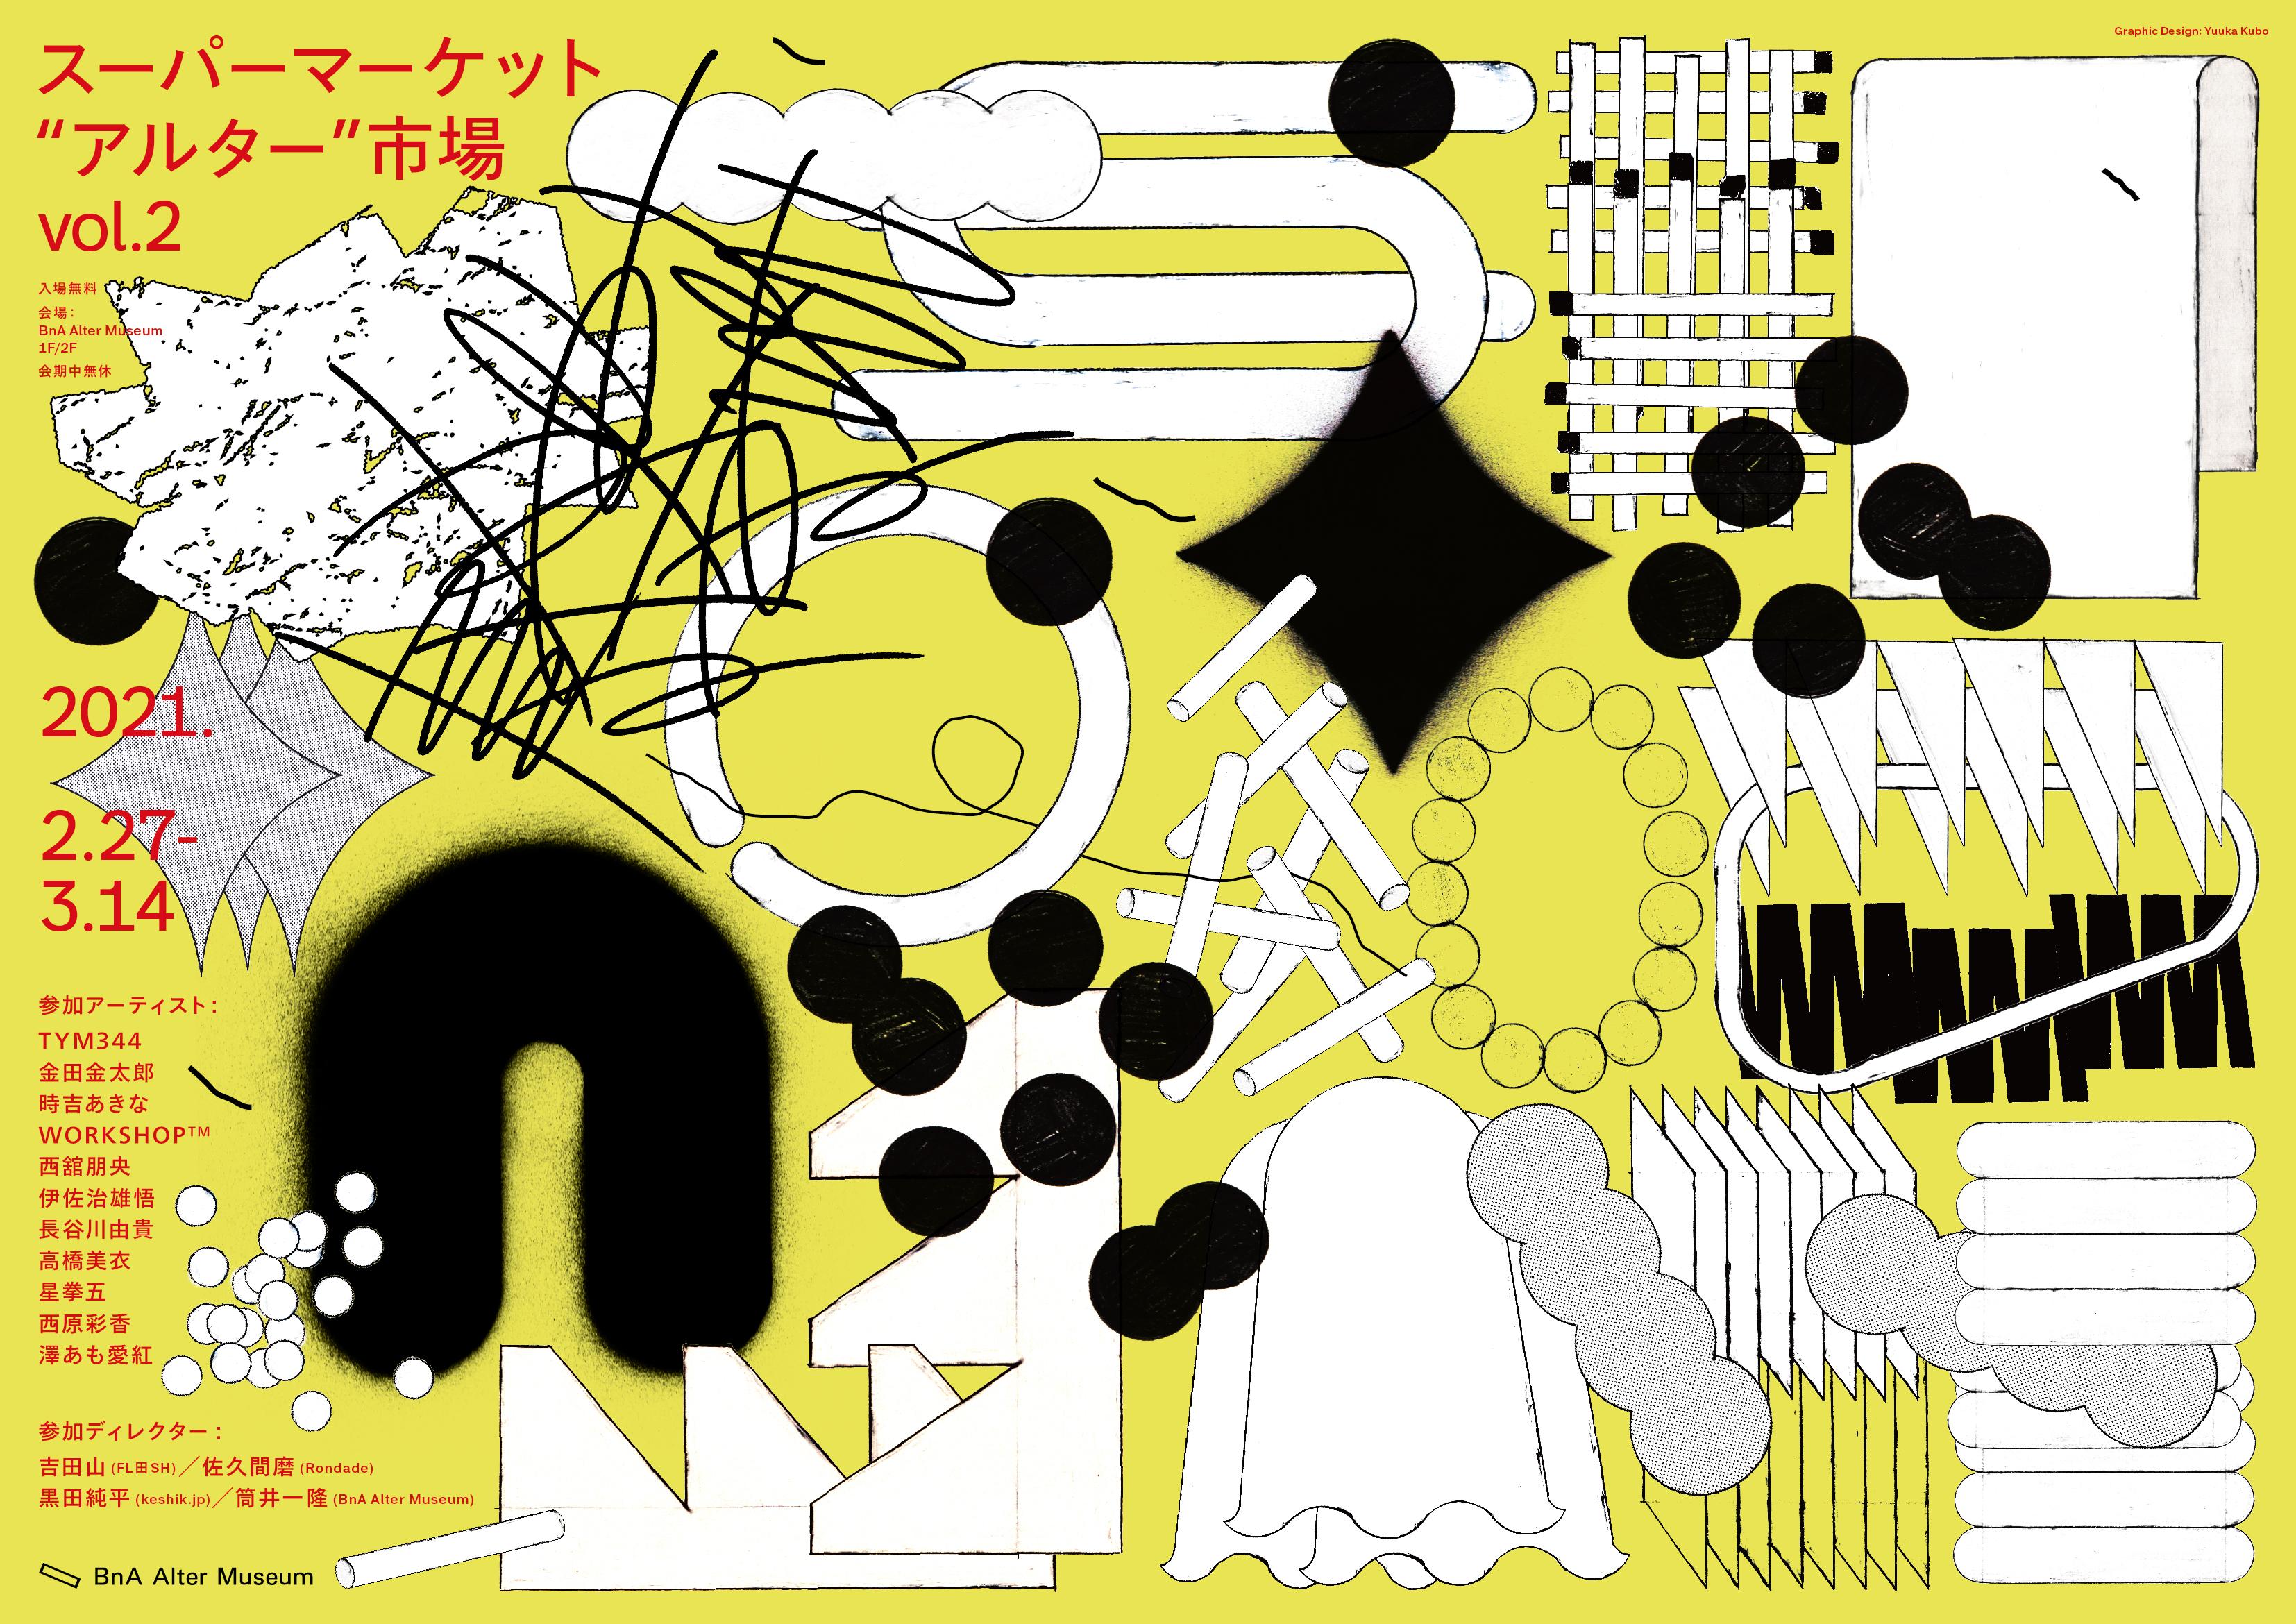 2021 東京 アート フェア